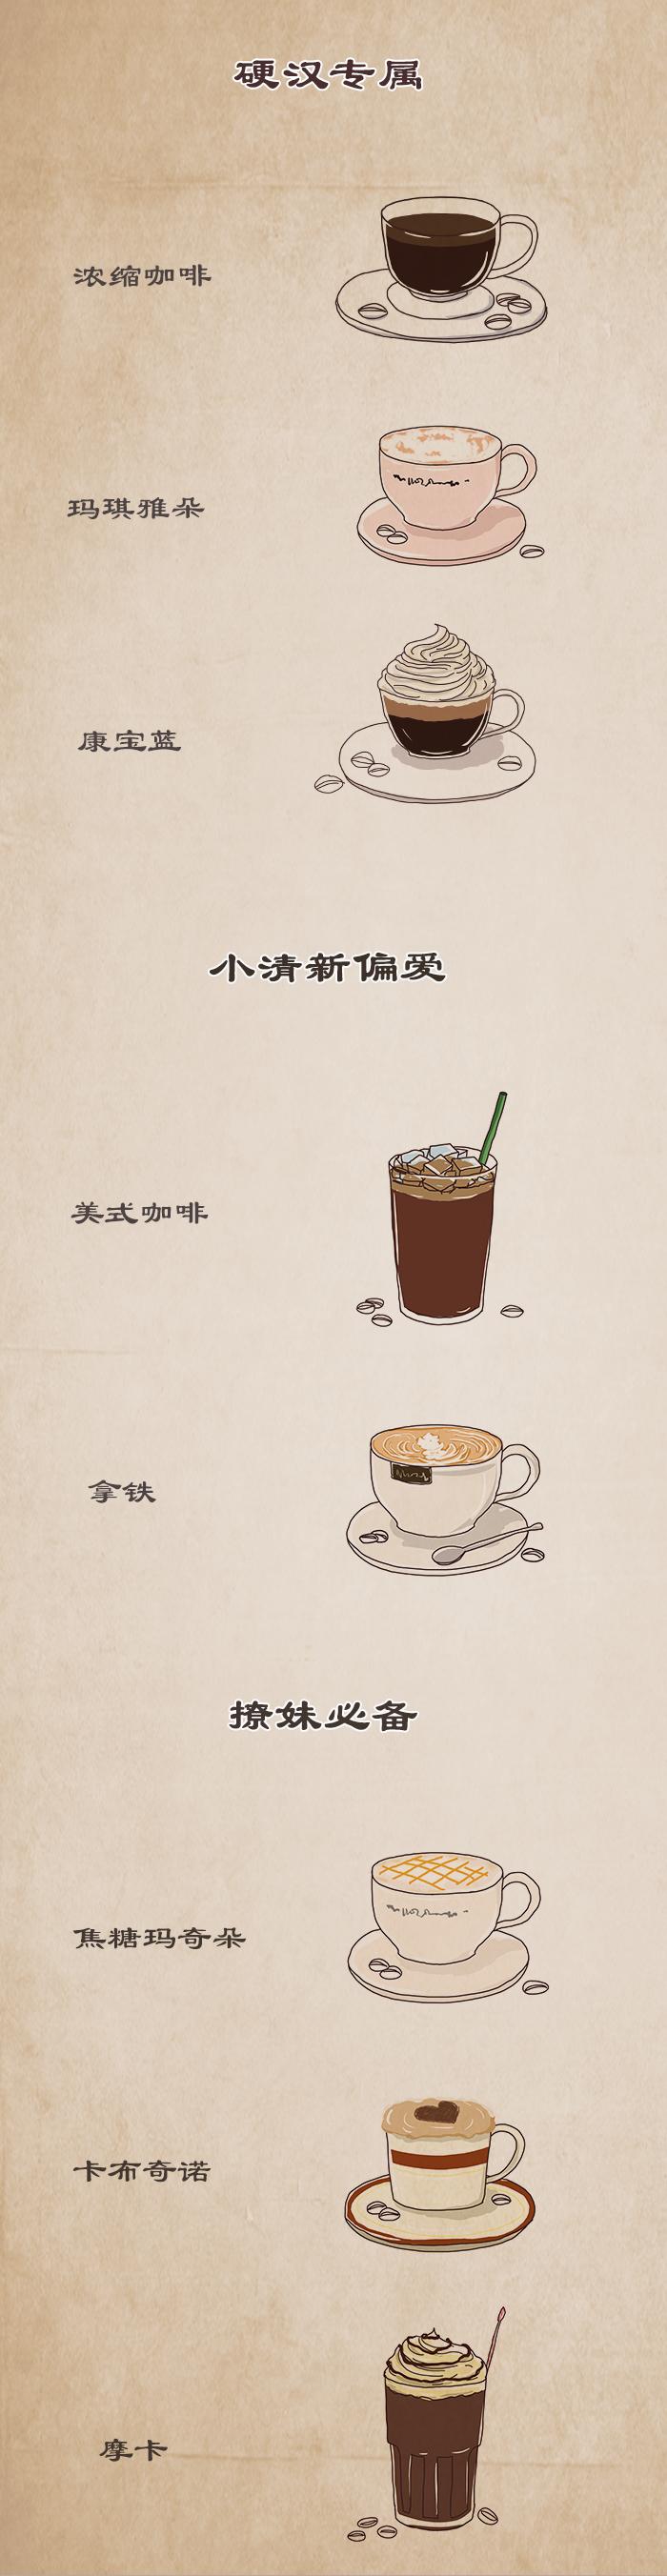 秒懂咖啡!一张图看懂拿铁、卡布奇诺、玛奇朵、摩卡的区别![9P]